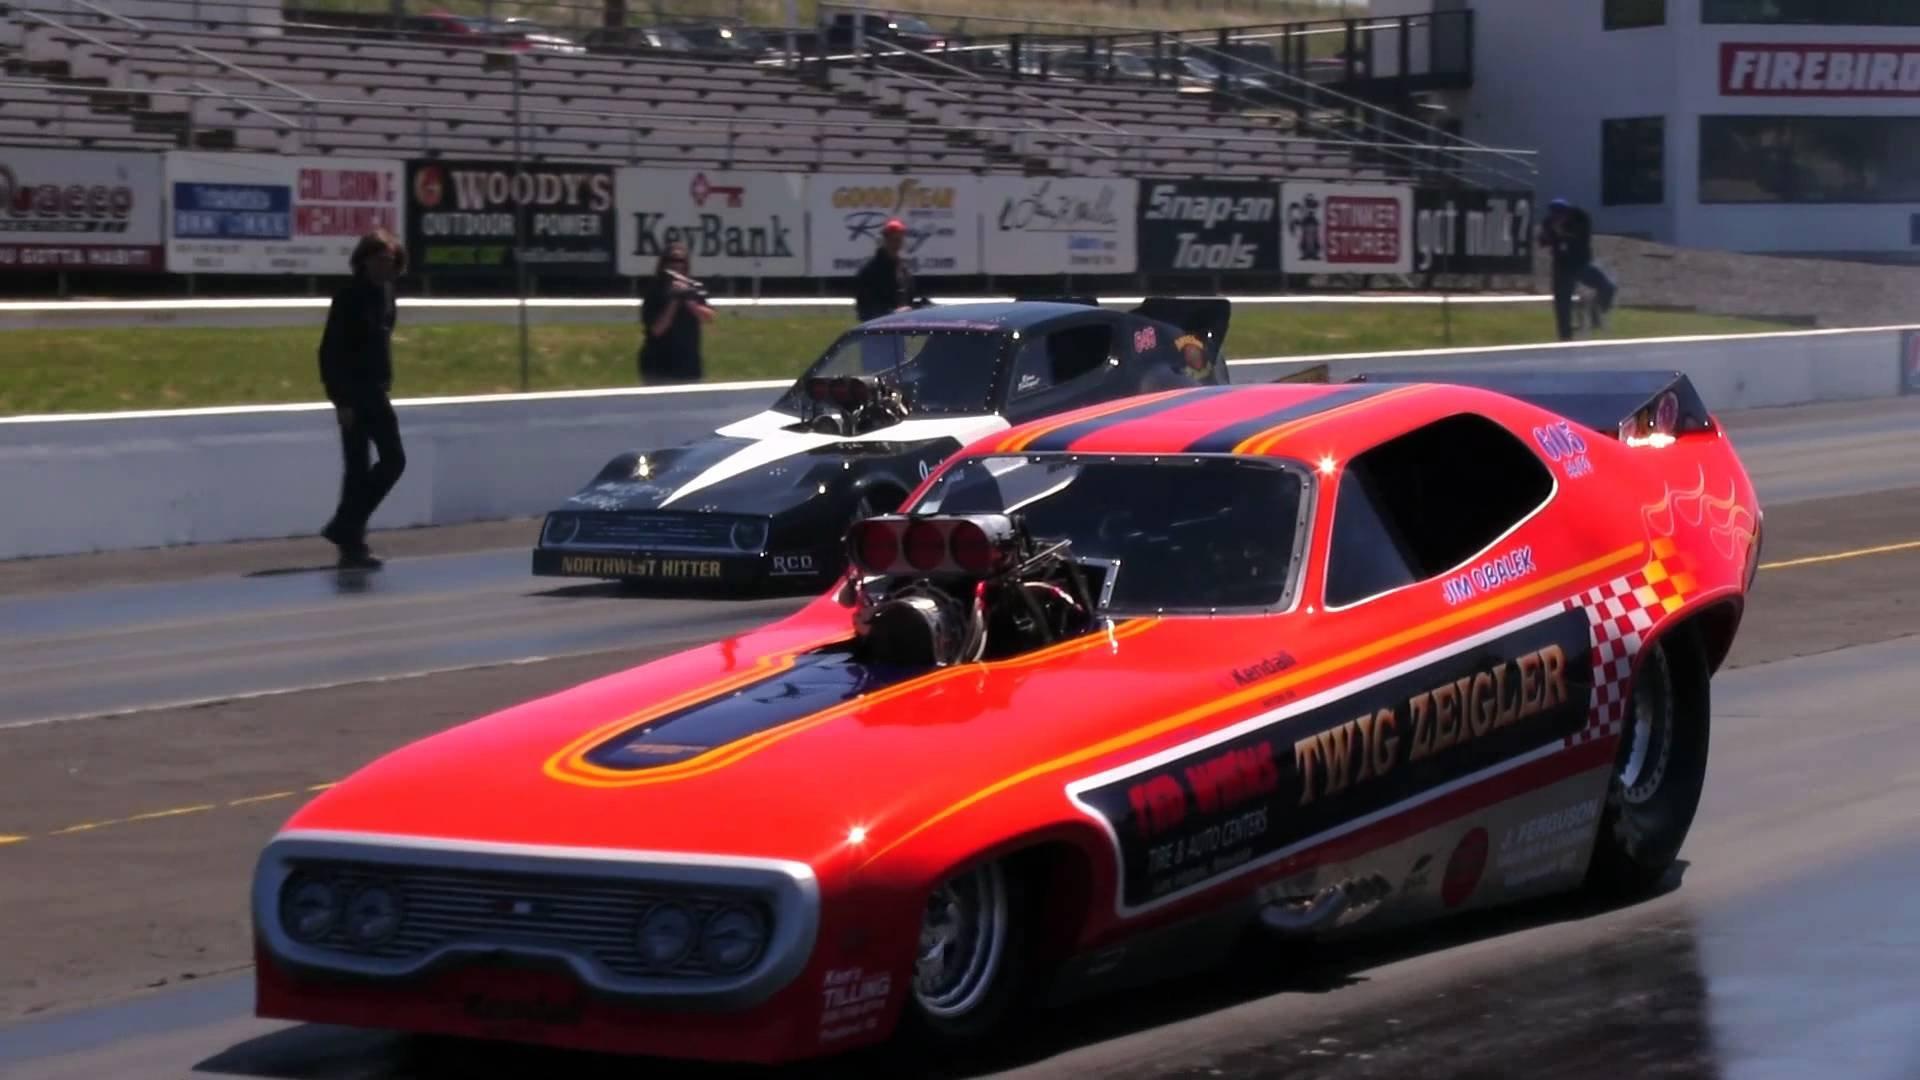 FUNNYCAR Drag Racing Race Hot Rod Rods Custom Funny Car